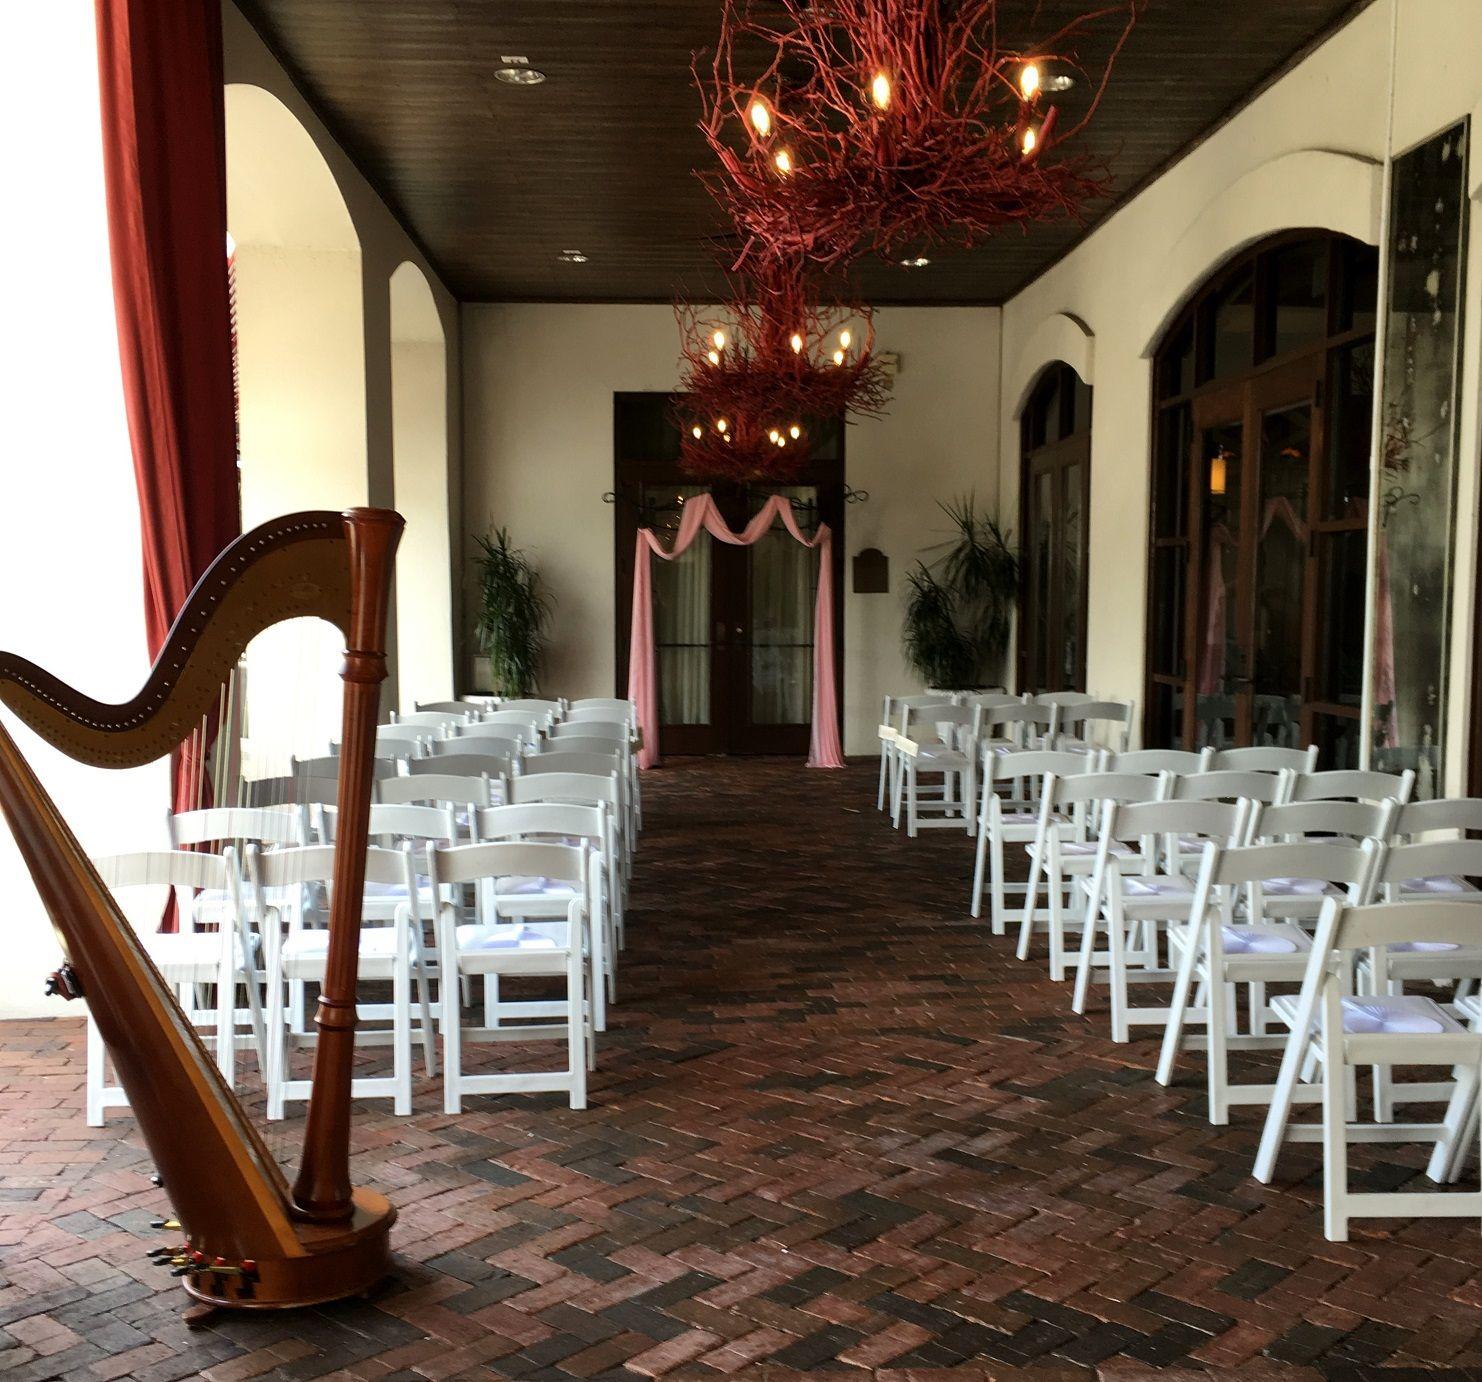 Outdoor Wedding Ceremony Orlando: Outdoor Ceremony At Bohemian Celebration Hotel In Orlando